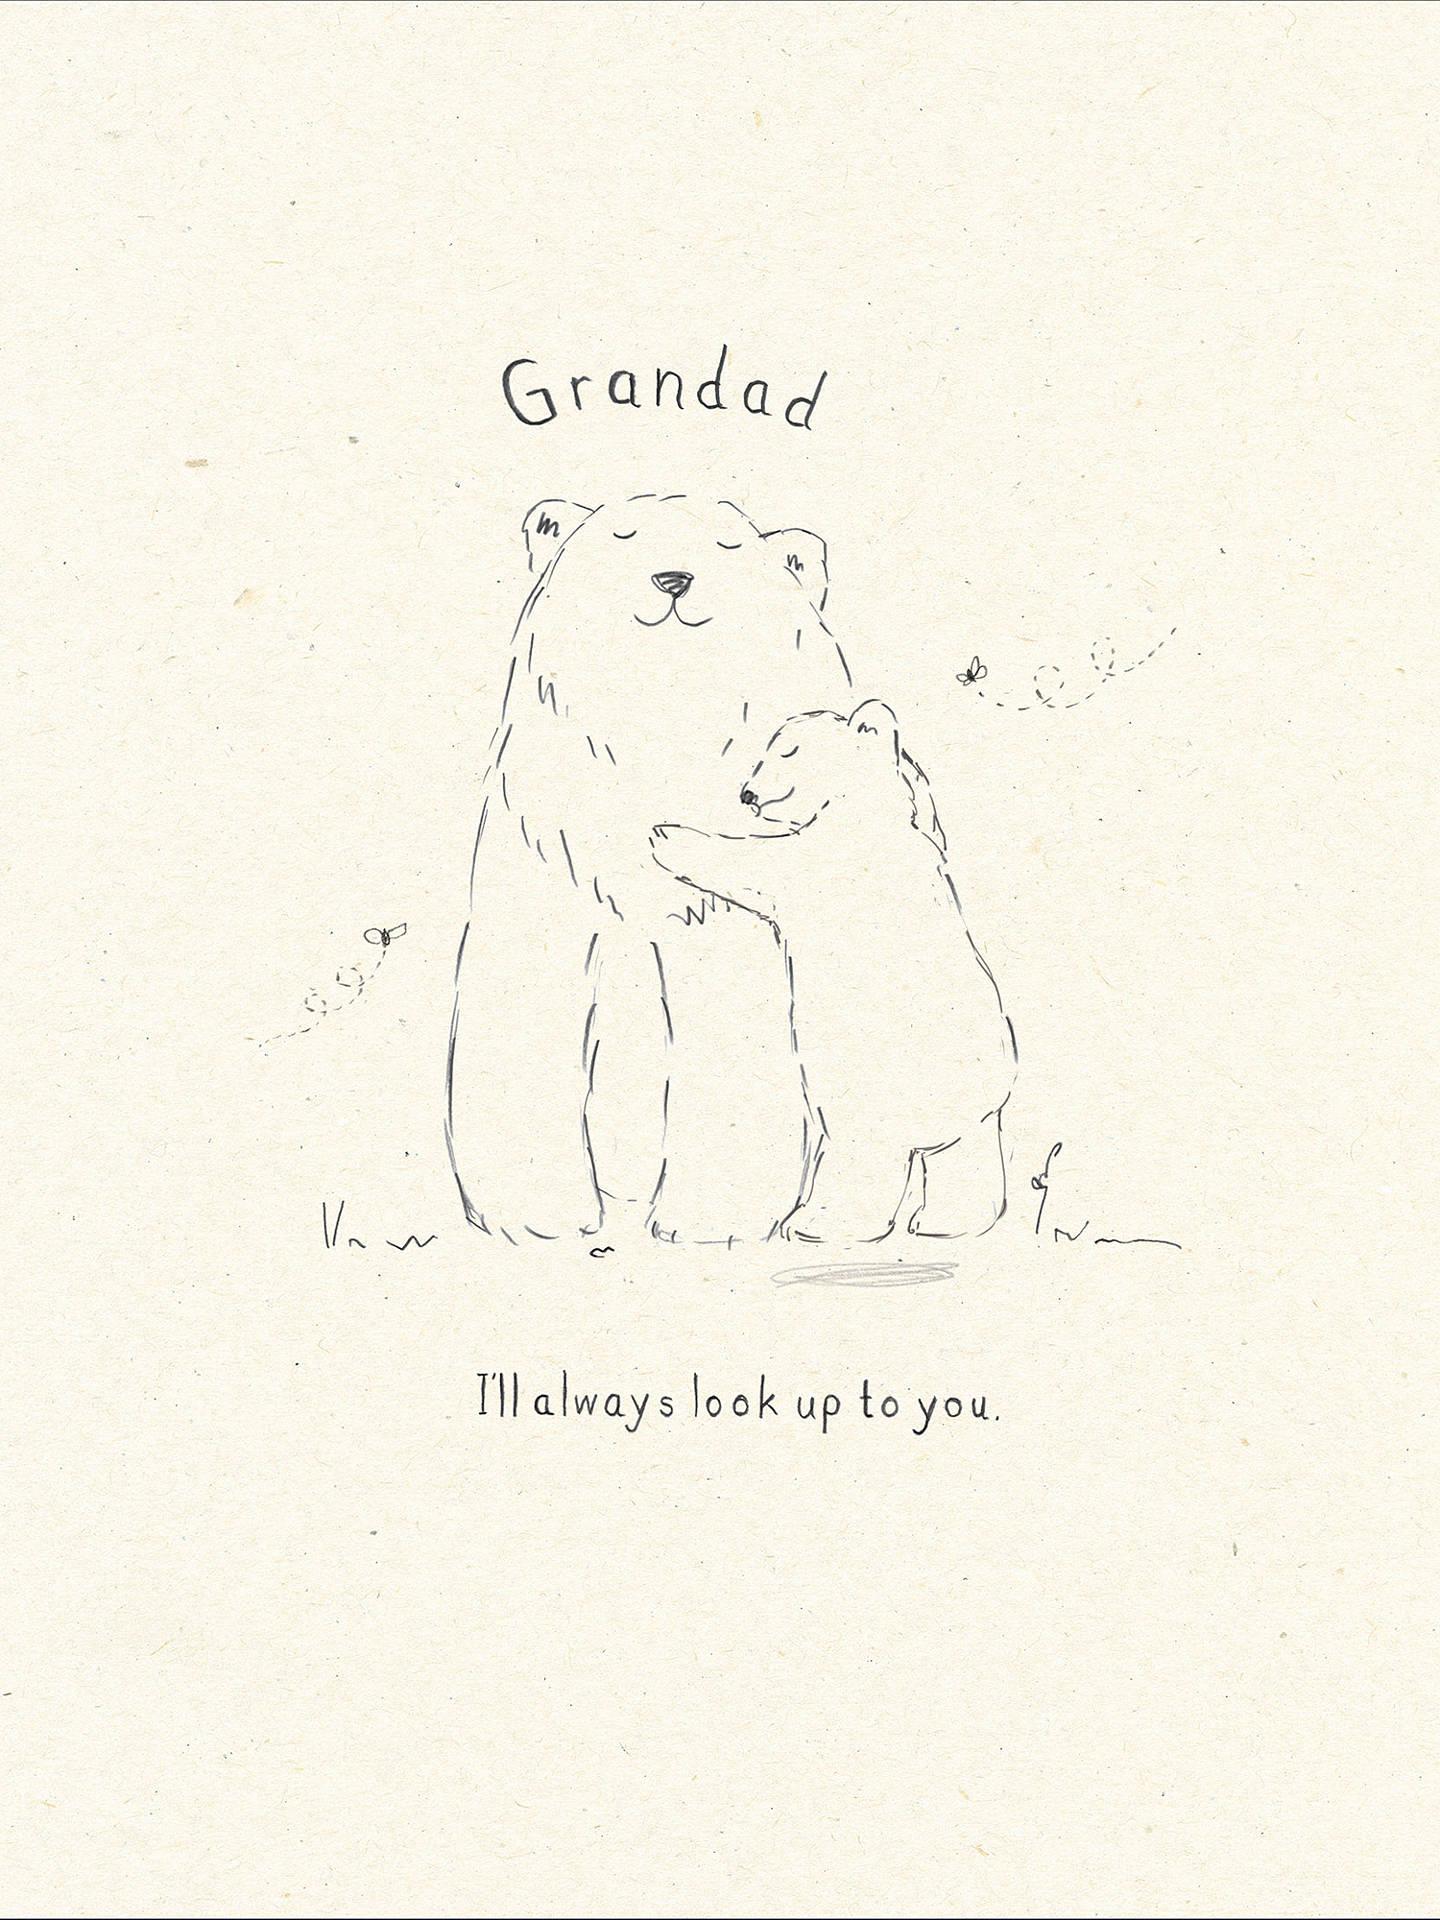 Buy UK Greetings Granddad Bears Birthday Card Online At Johnlewis